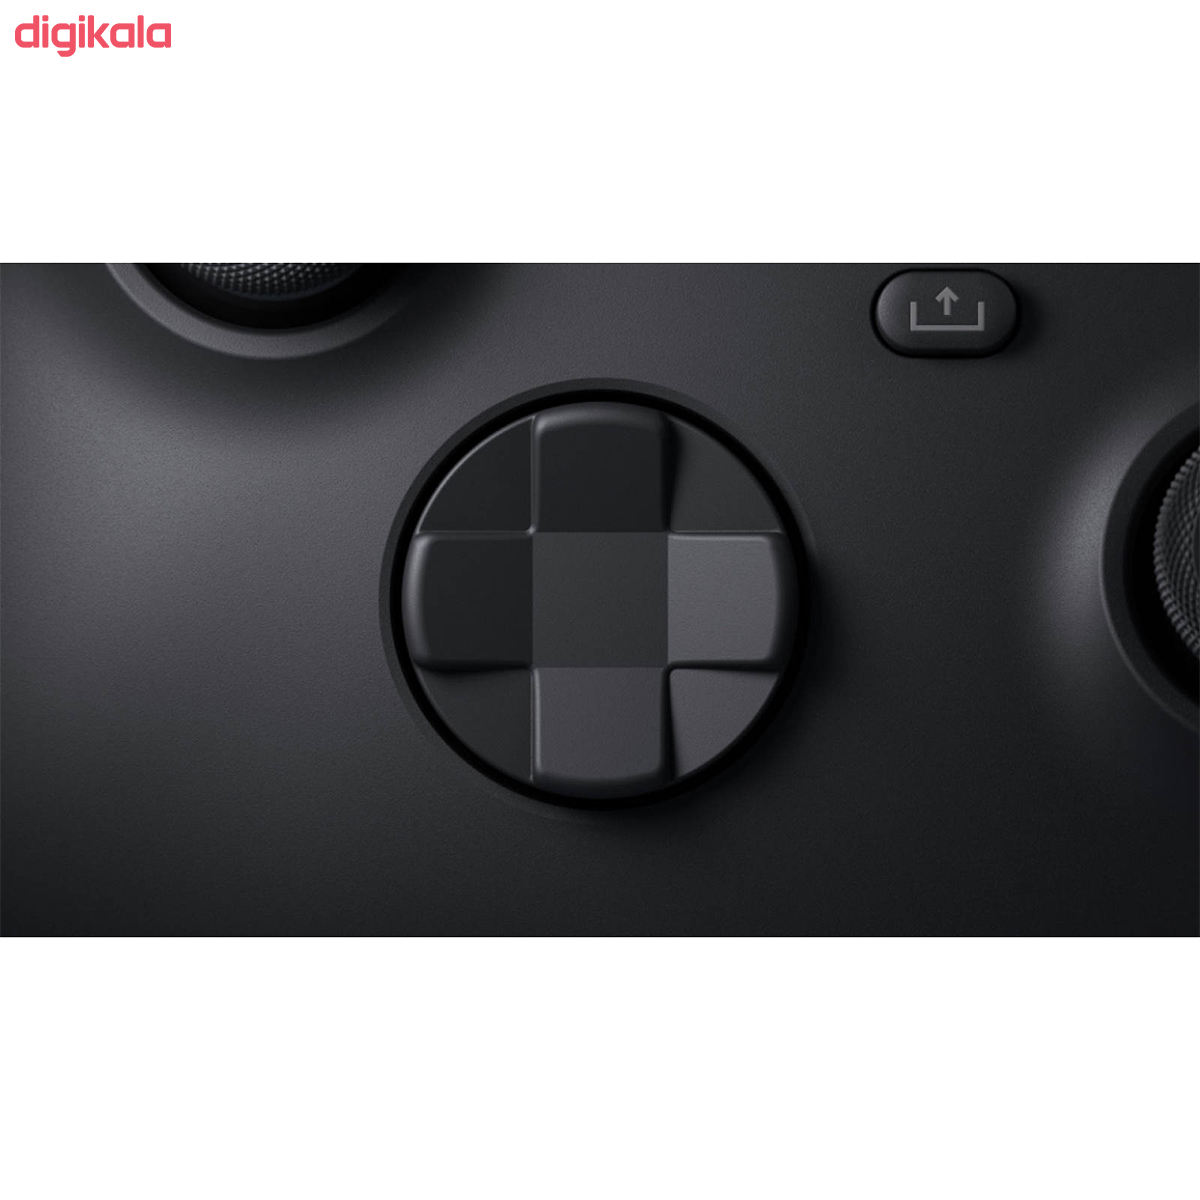 مجموعه کنسول بازی مایکروسافت مدل Xbox Series X ظرفیت 1 ترابایت main 1 6